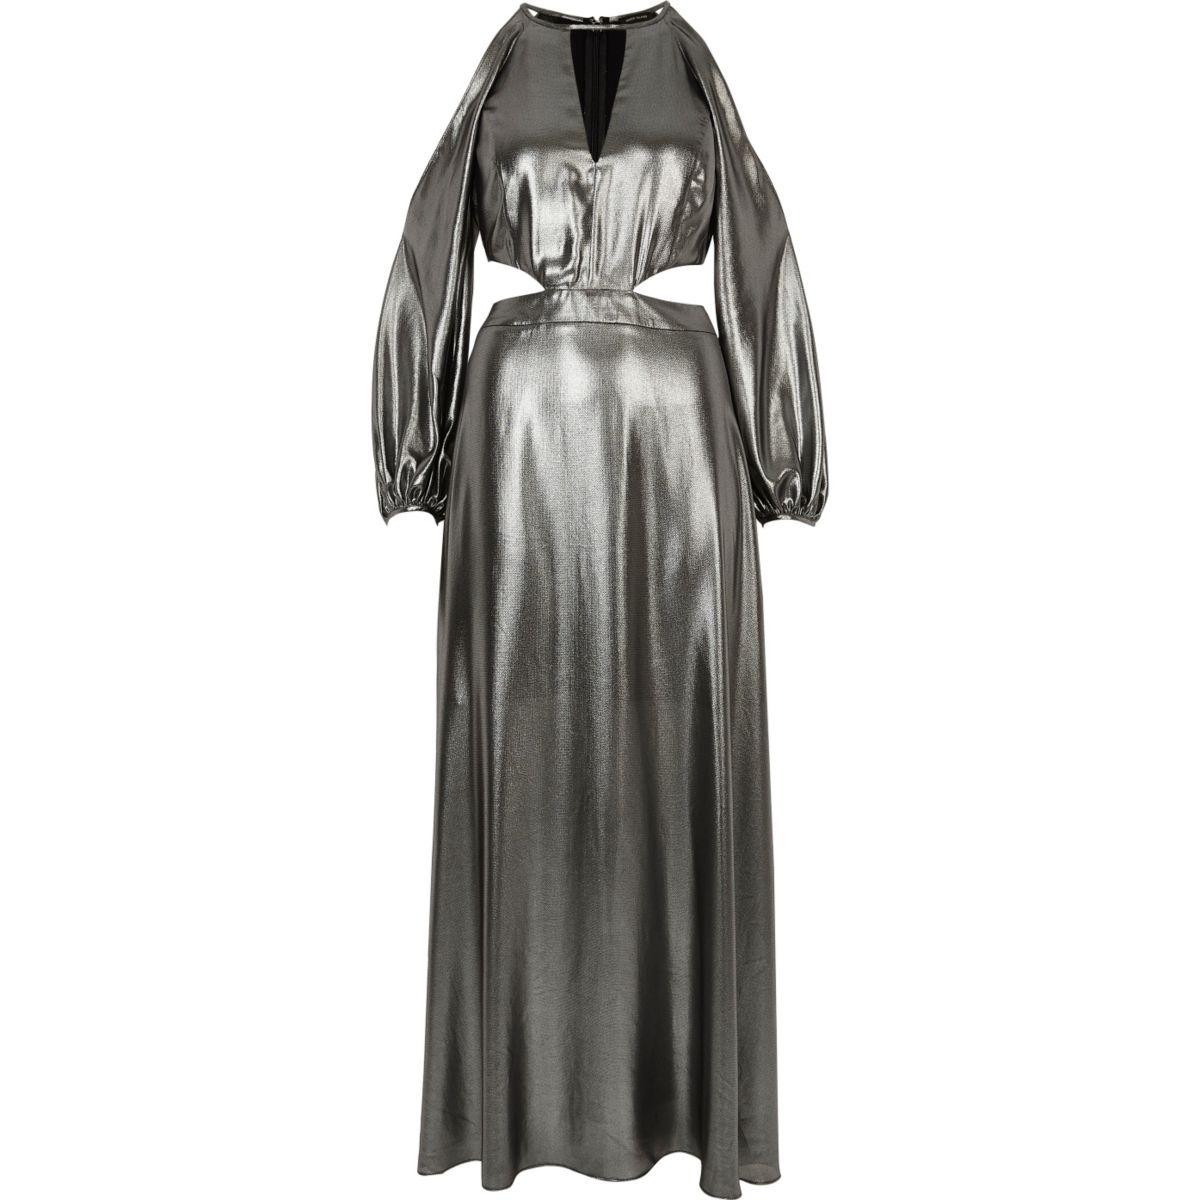 Robe longue argenté métallisé avec épaules dénudées